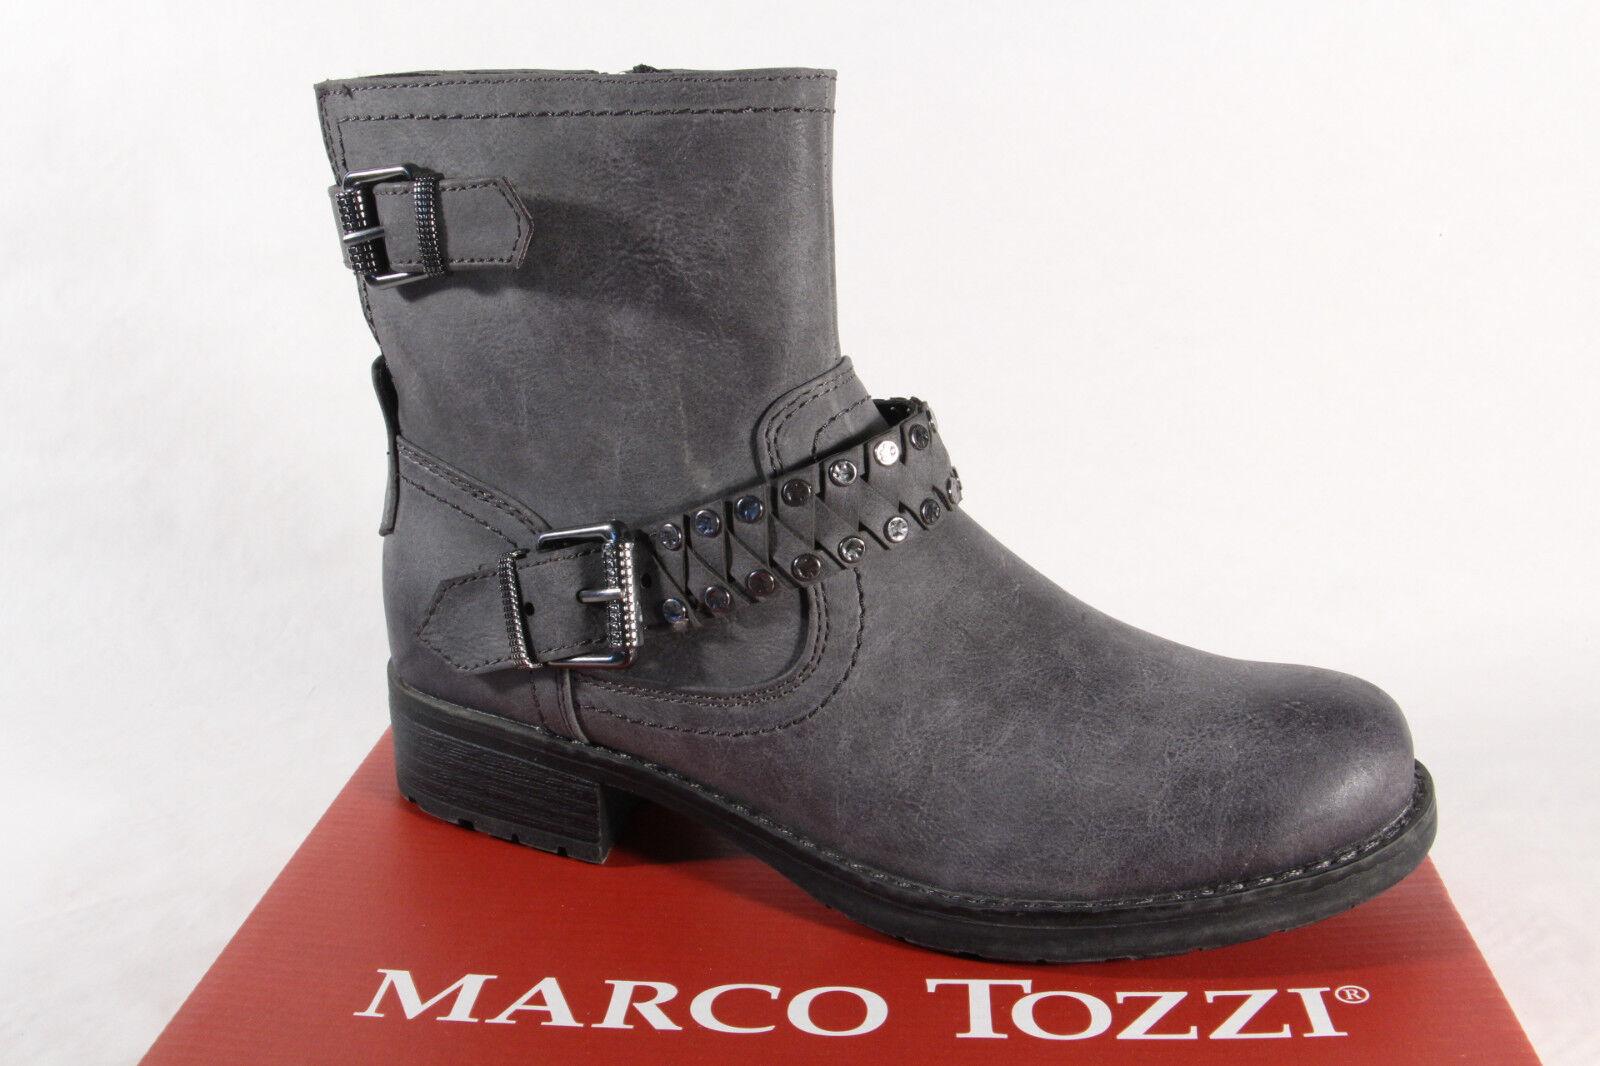 Marco Tozzi 25800 Damen Stiefel, Stiefelette, Stiefel grau NEU 25800 NEU grau 4163d8